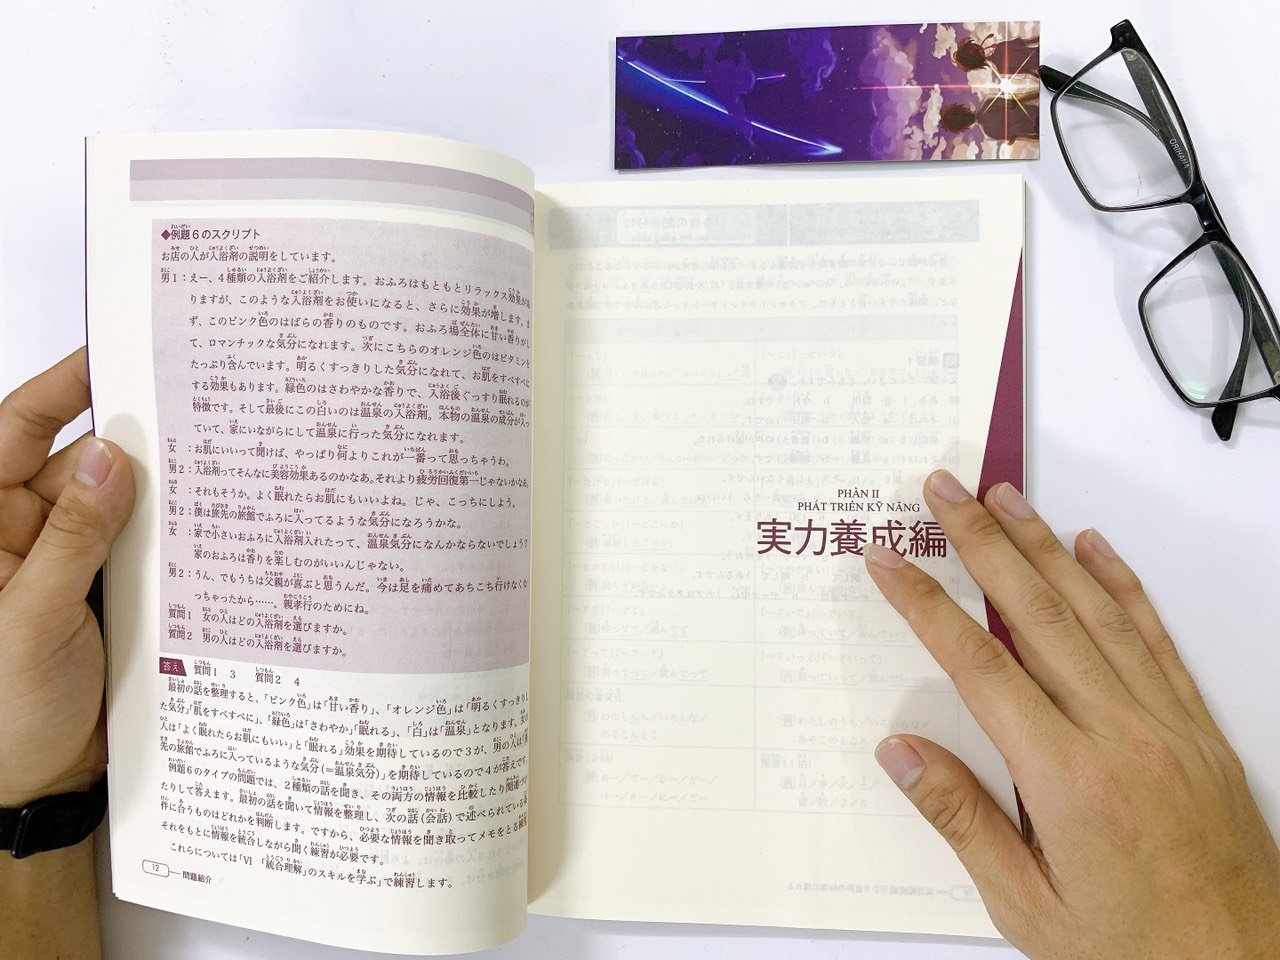 shinkanzen n1 nghe hiểu (2)